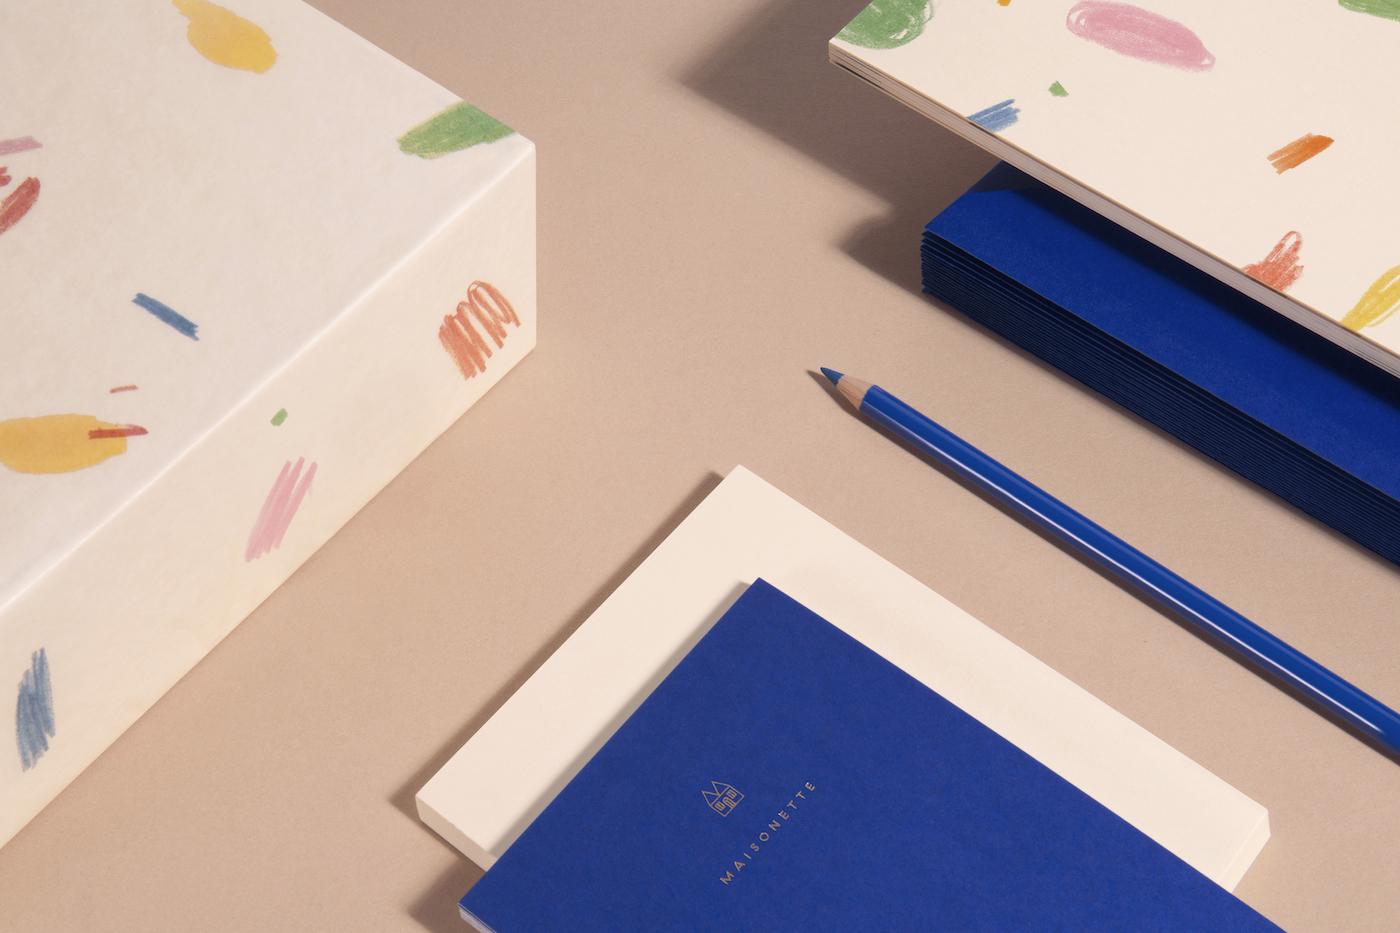 Packaging and stationary design for Maisonette, 2017.